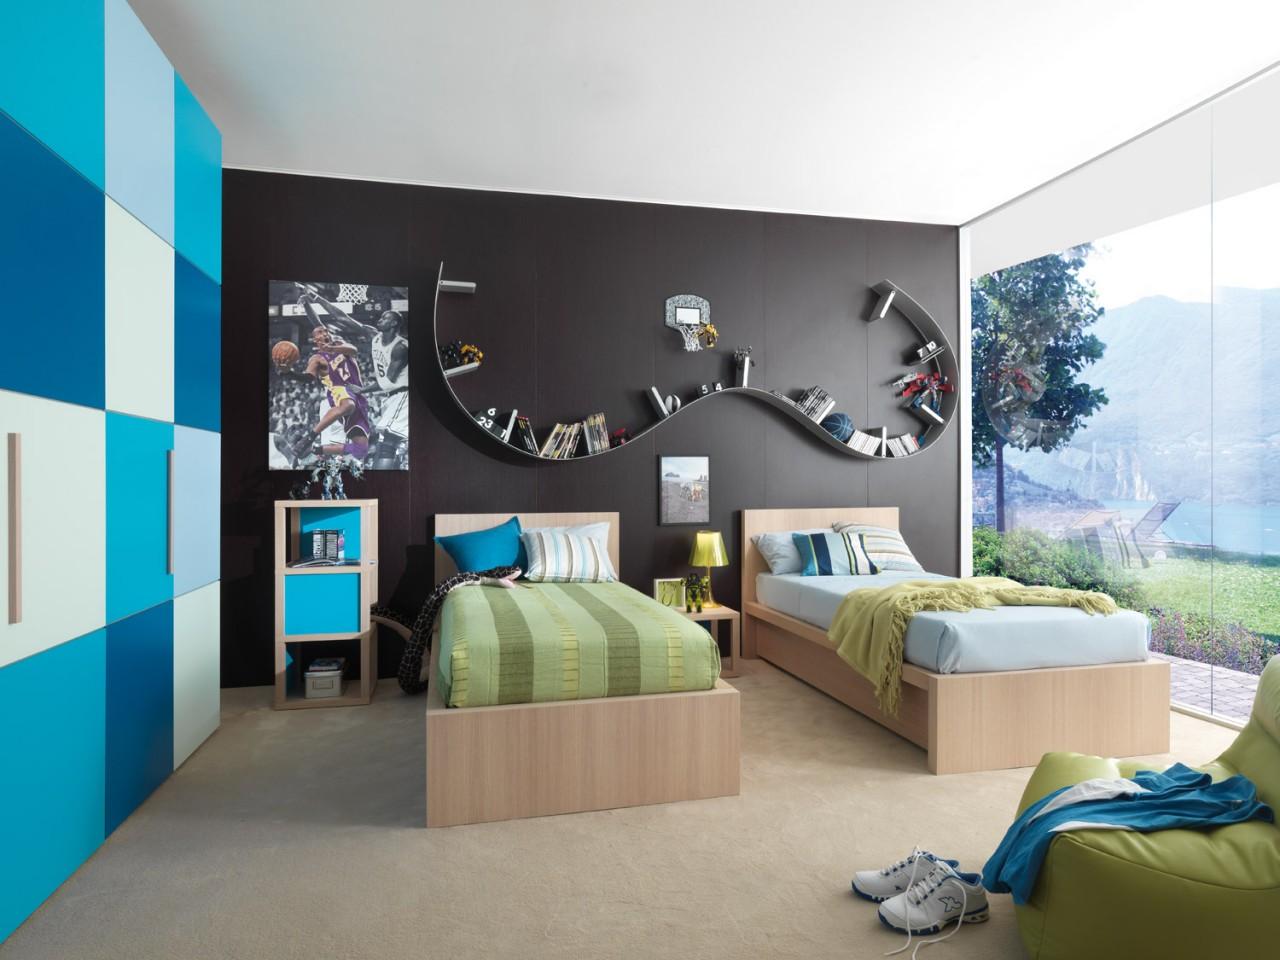 Fotos de dormitorios juveniles para dos chicos - Habitaciones juveniles para chico ...